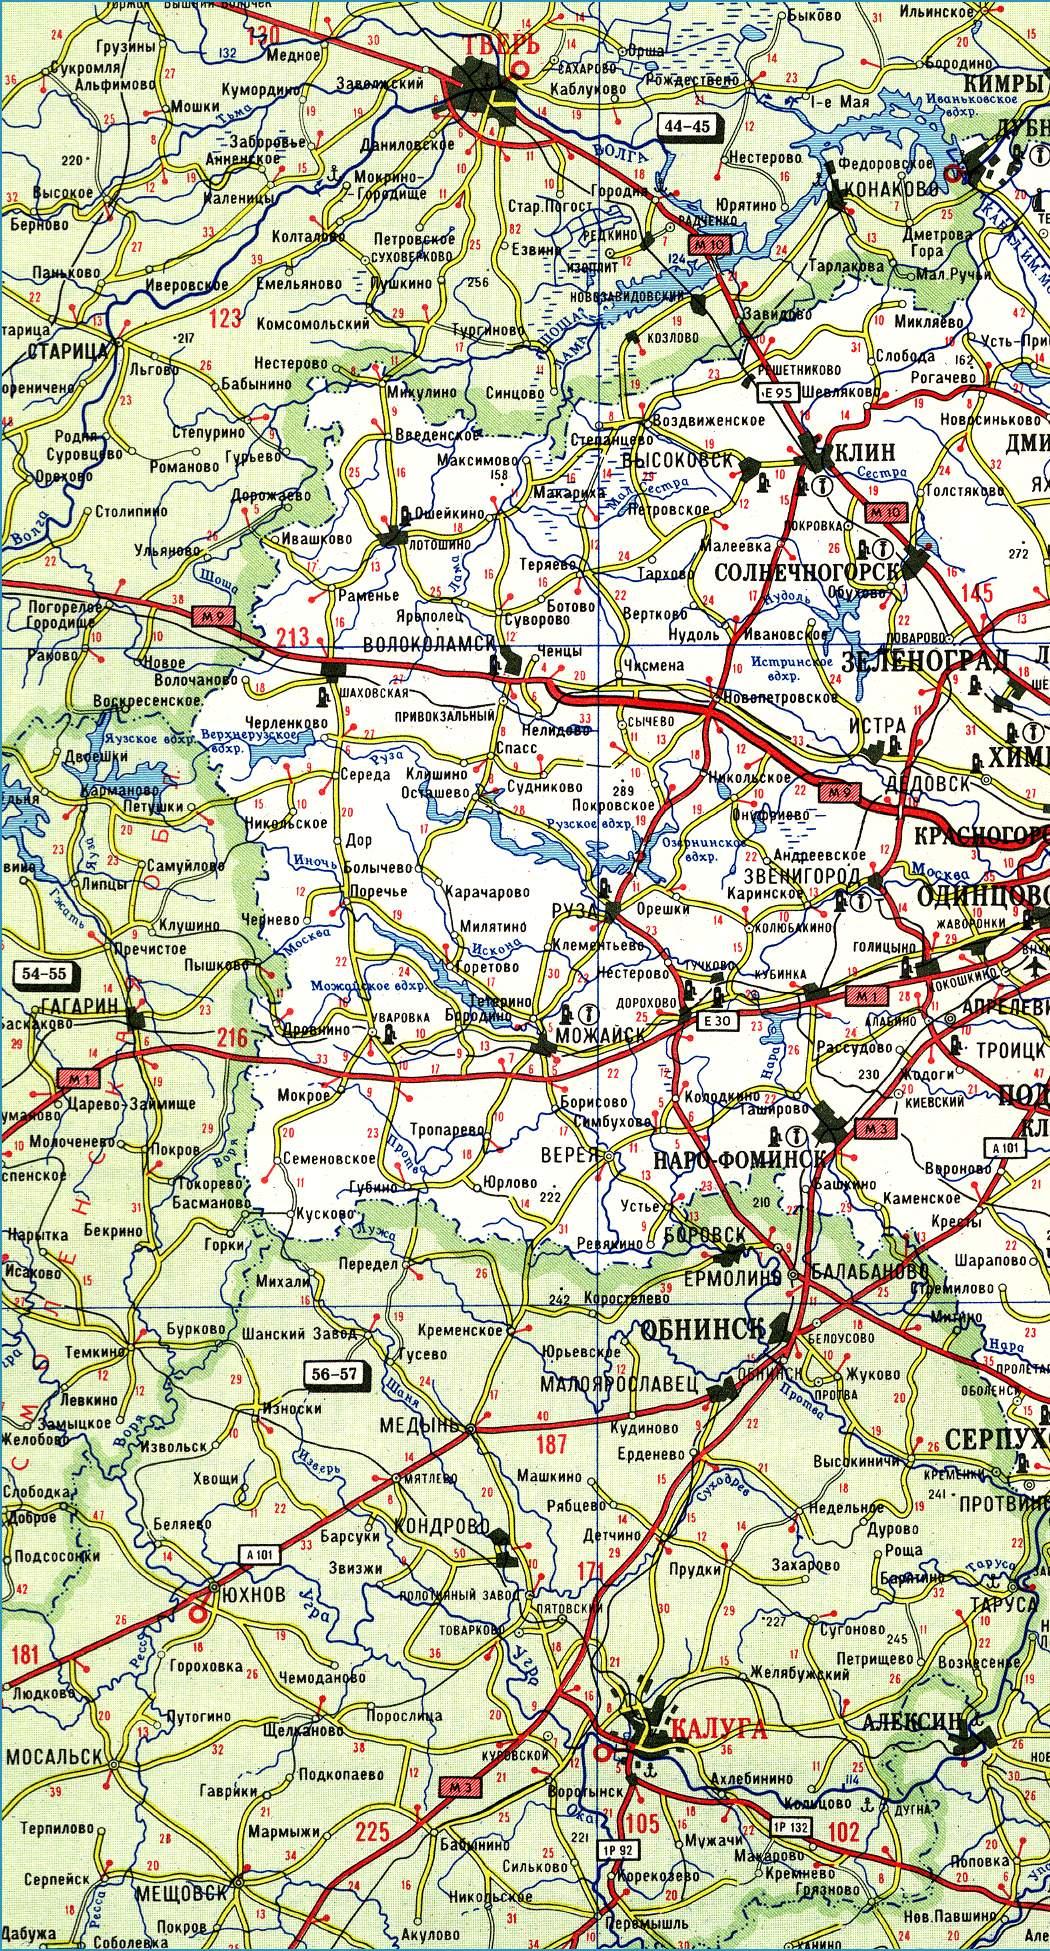 Проститутки москвы и московской области показать на карте 24 фотография